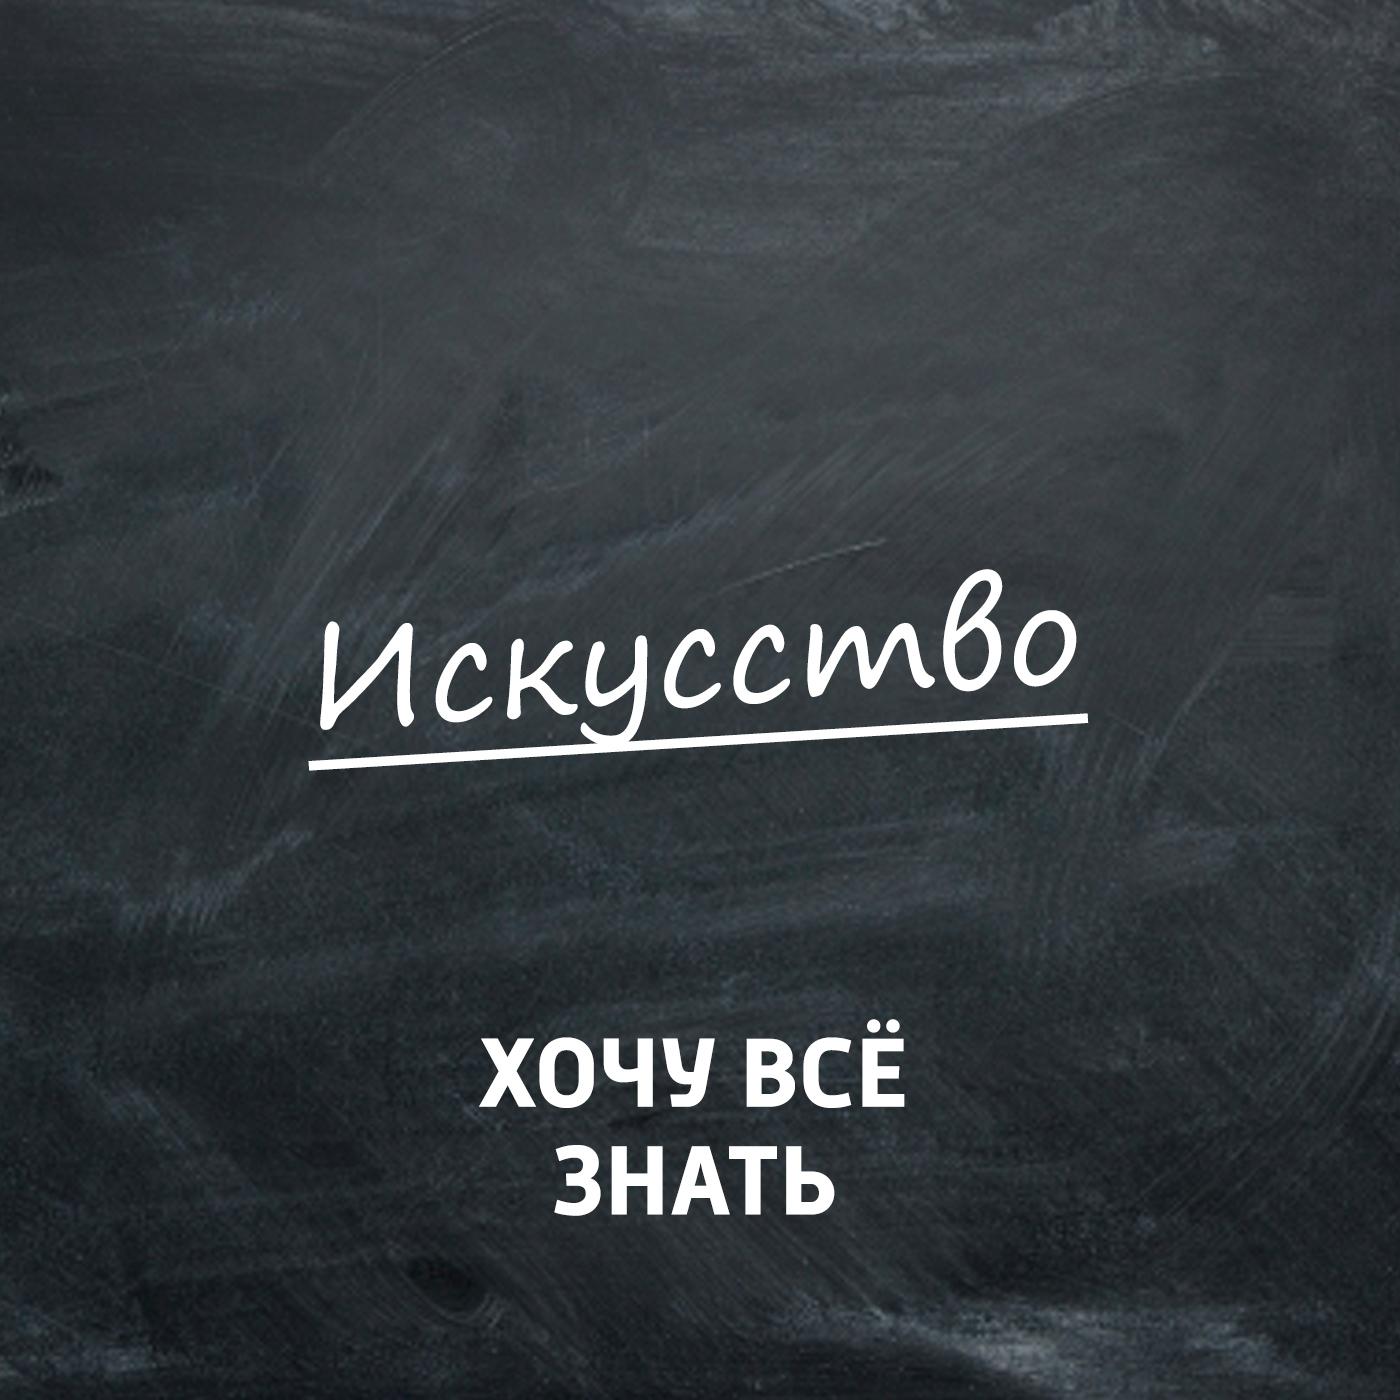 Творческий коллектив программы «Хочу всё знать» Почему это шедевр? Василий Суриков. Часть 2 творческий коллектив программы хочу всё знать почему это шедевр микеланджело буонарроти